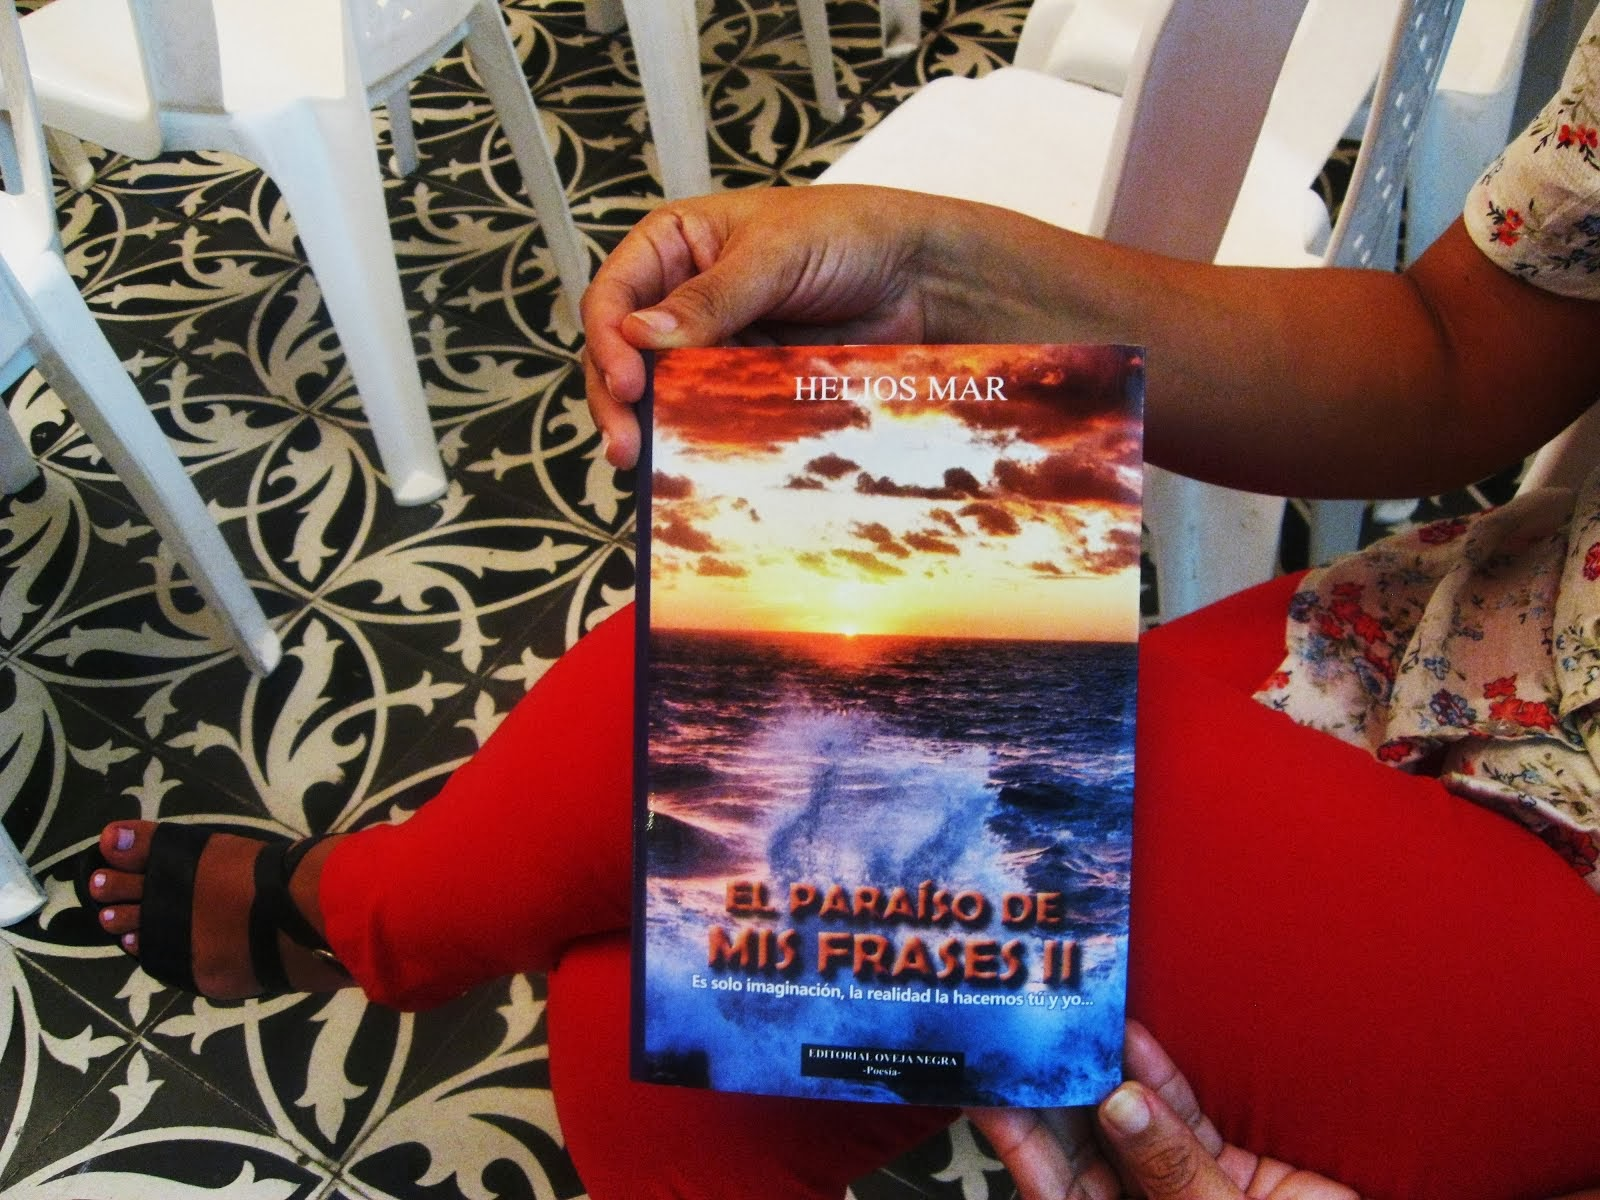 COMPRA EL PARAÍSO DE MIS FRASES II en las Librerías del país o digital.